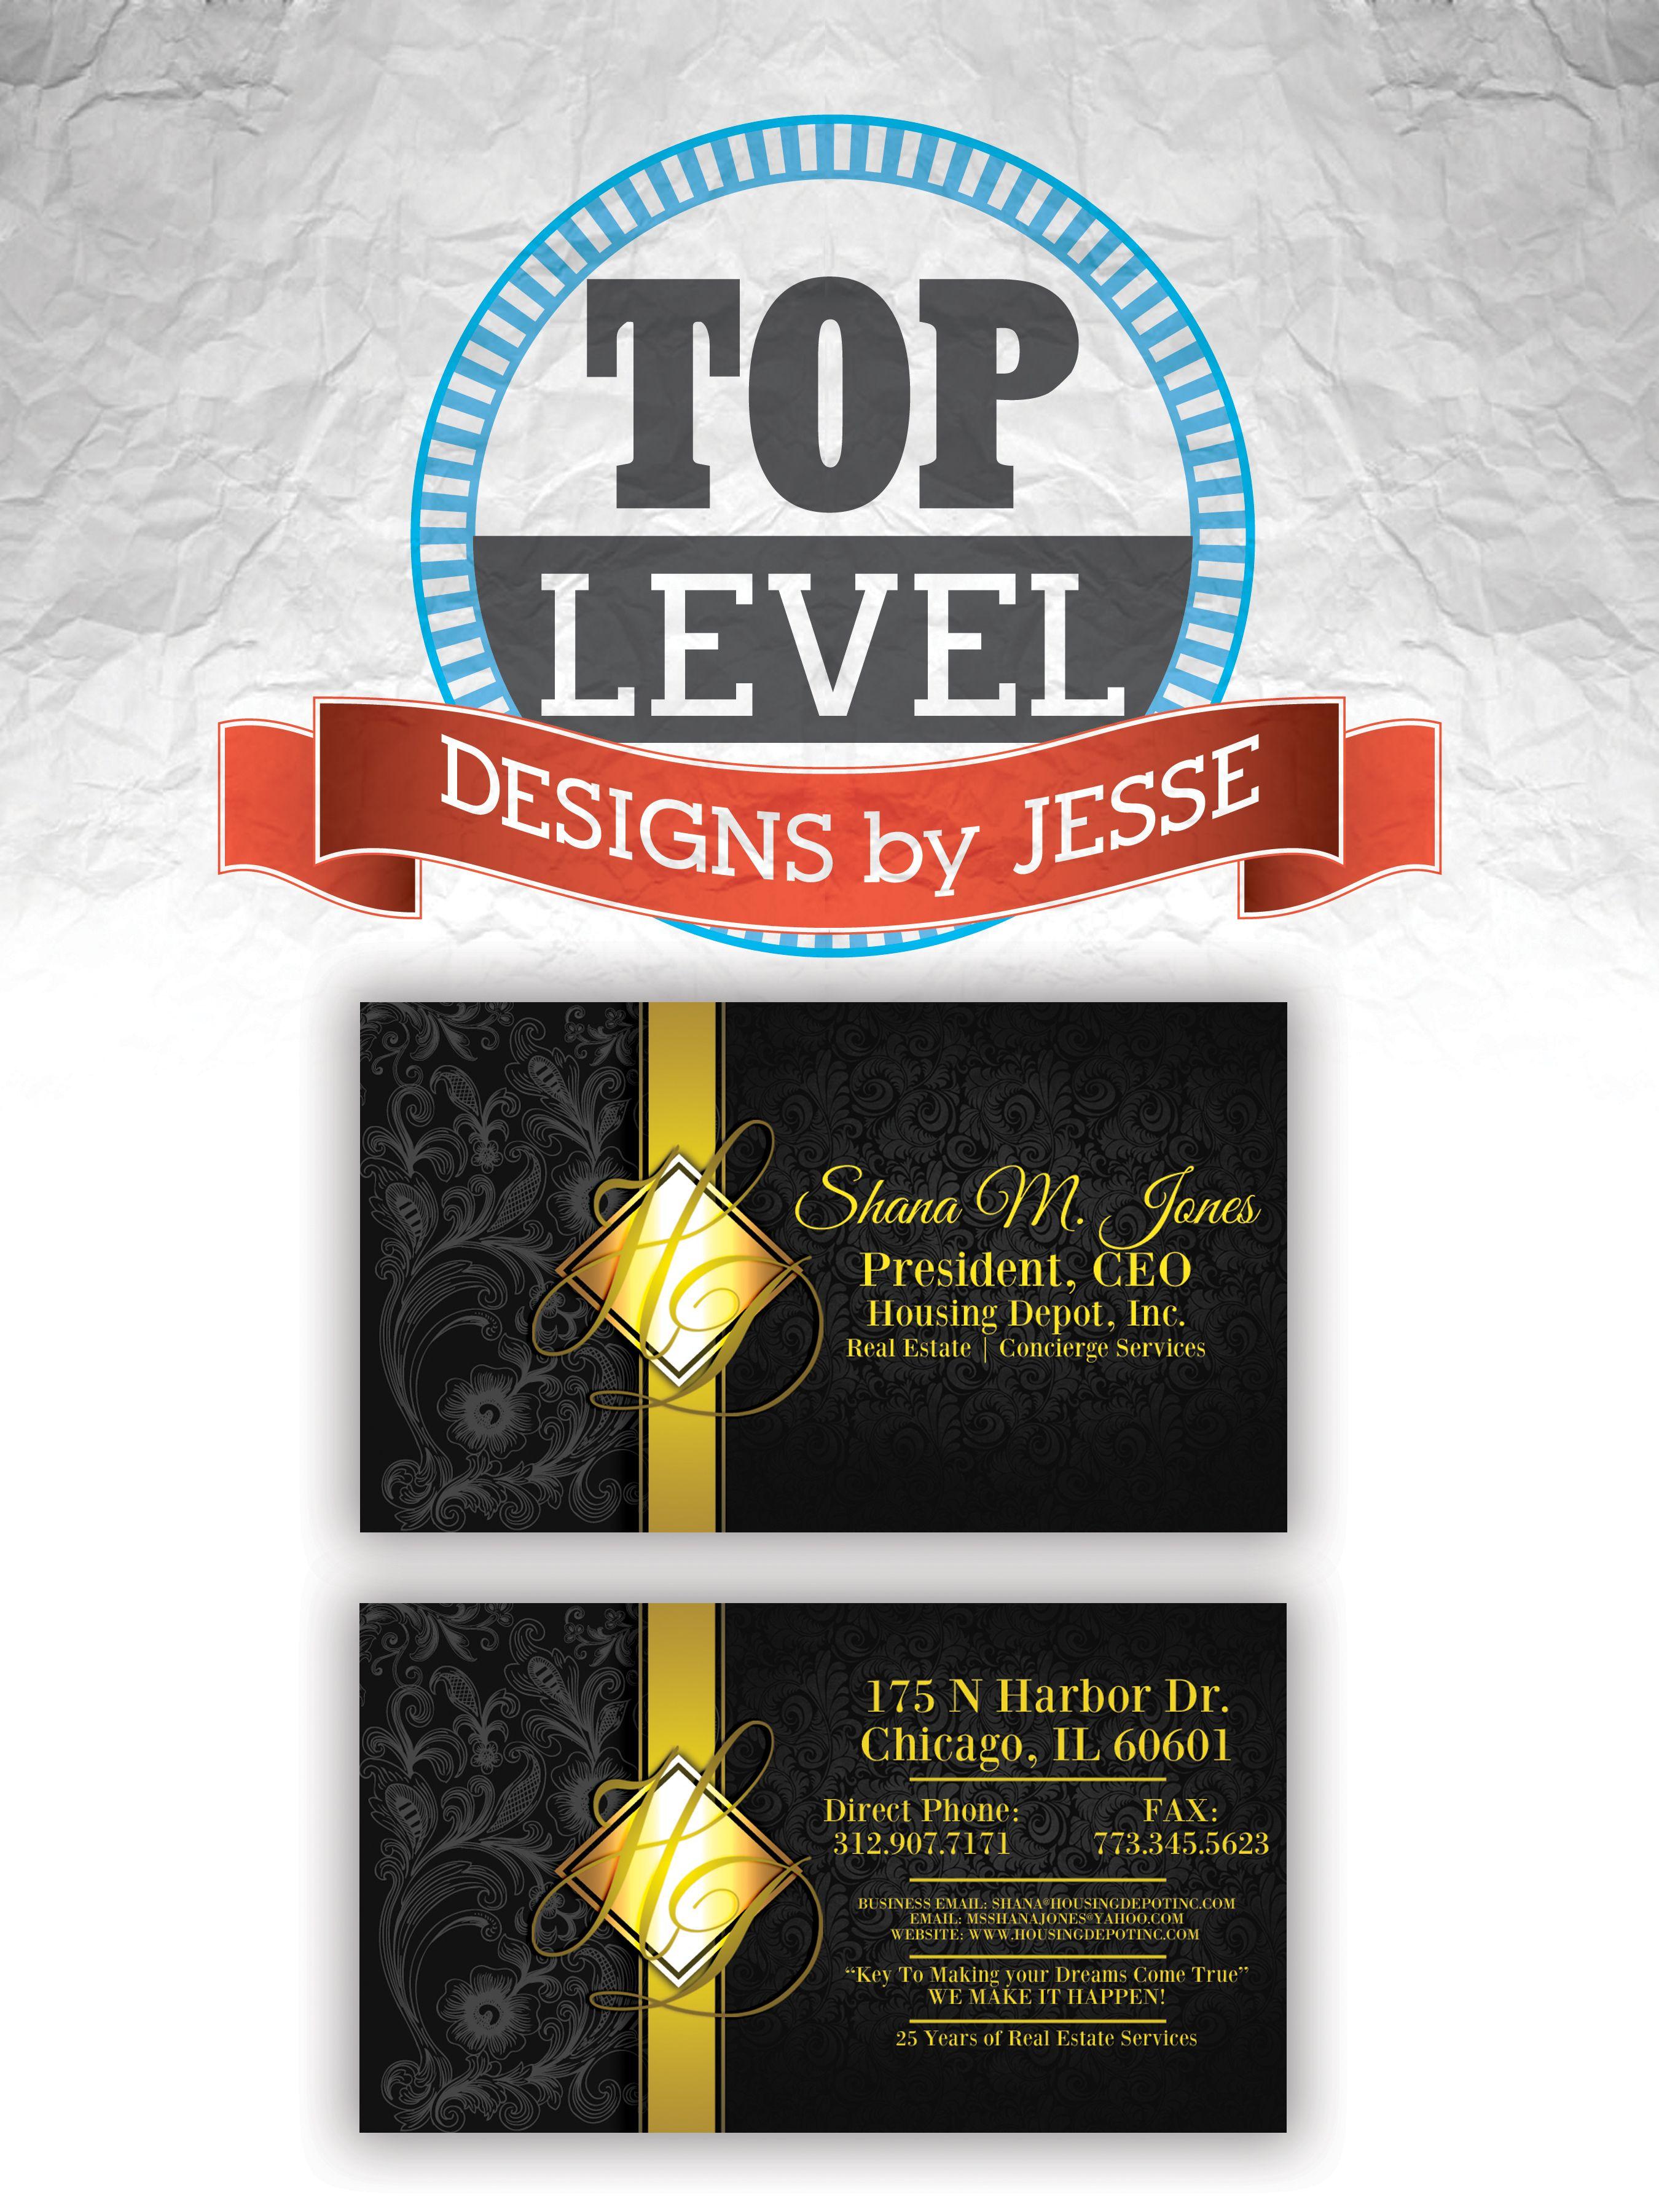 Housing Depot business card design | Top Level Business Card Designs ...